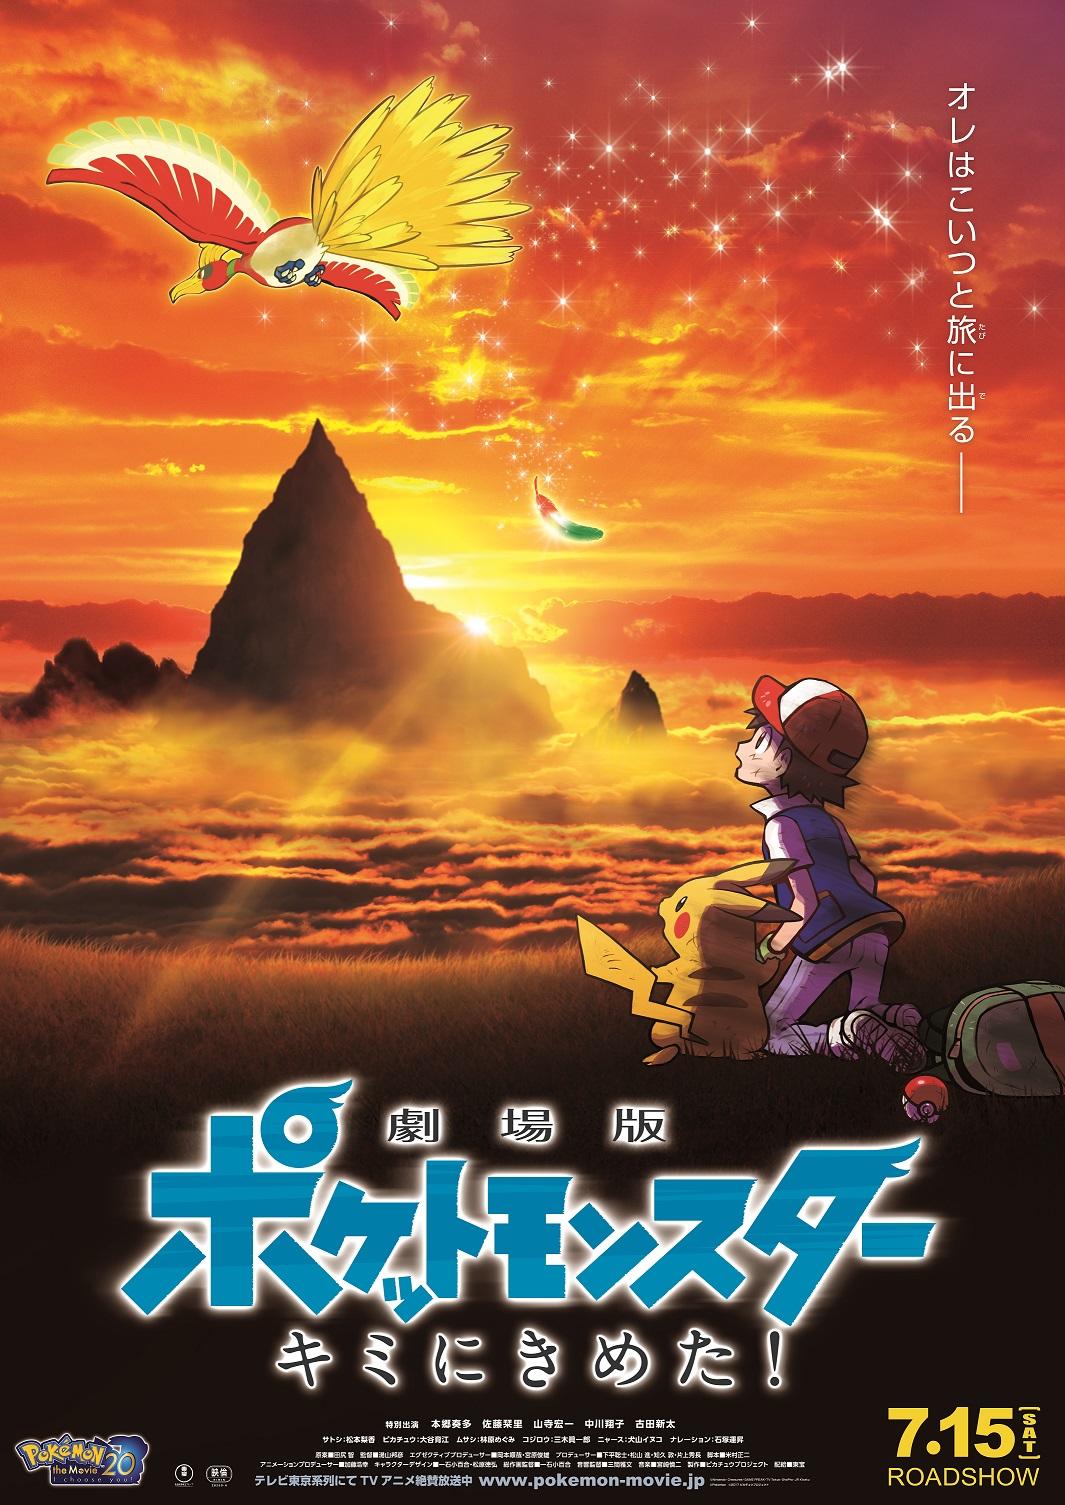 めざせポケモンマスター -20th anniversary-」が6月28日に配信。劇場版